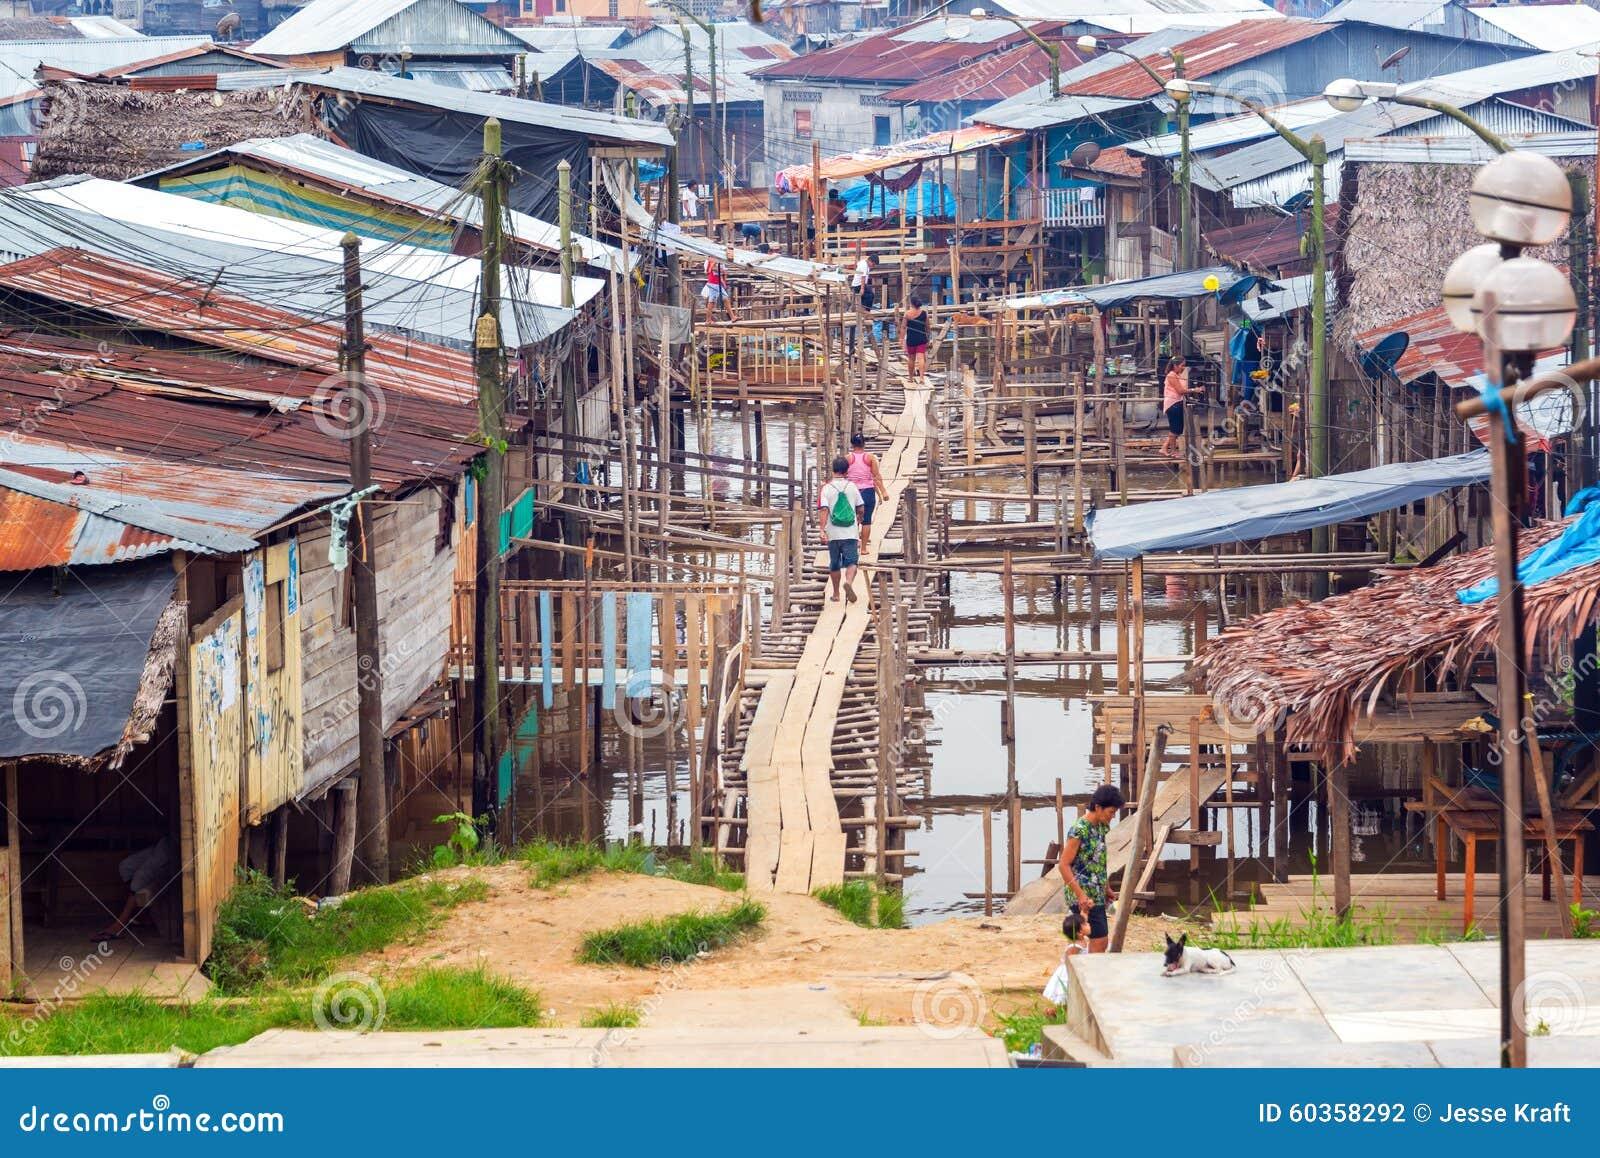 Neighborhood of Belen in Iquitos, Peru